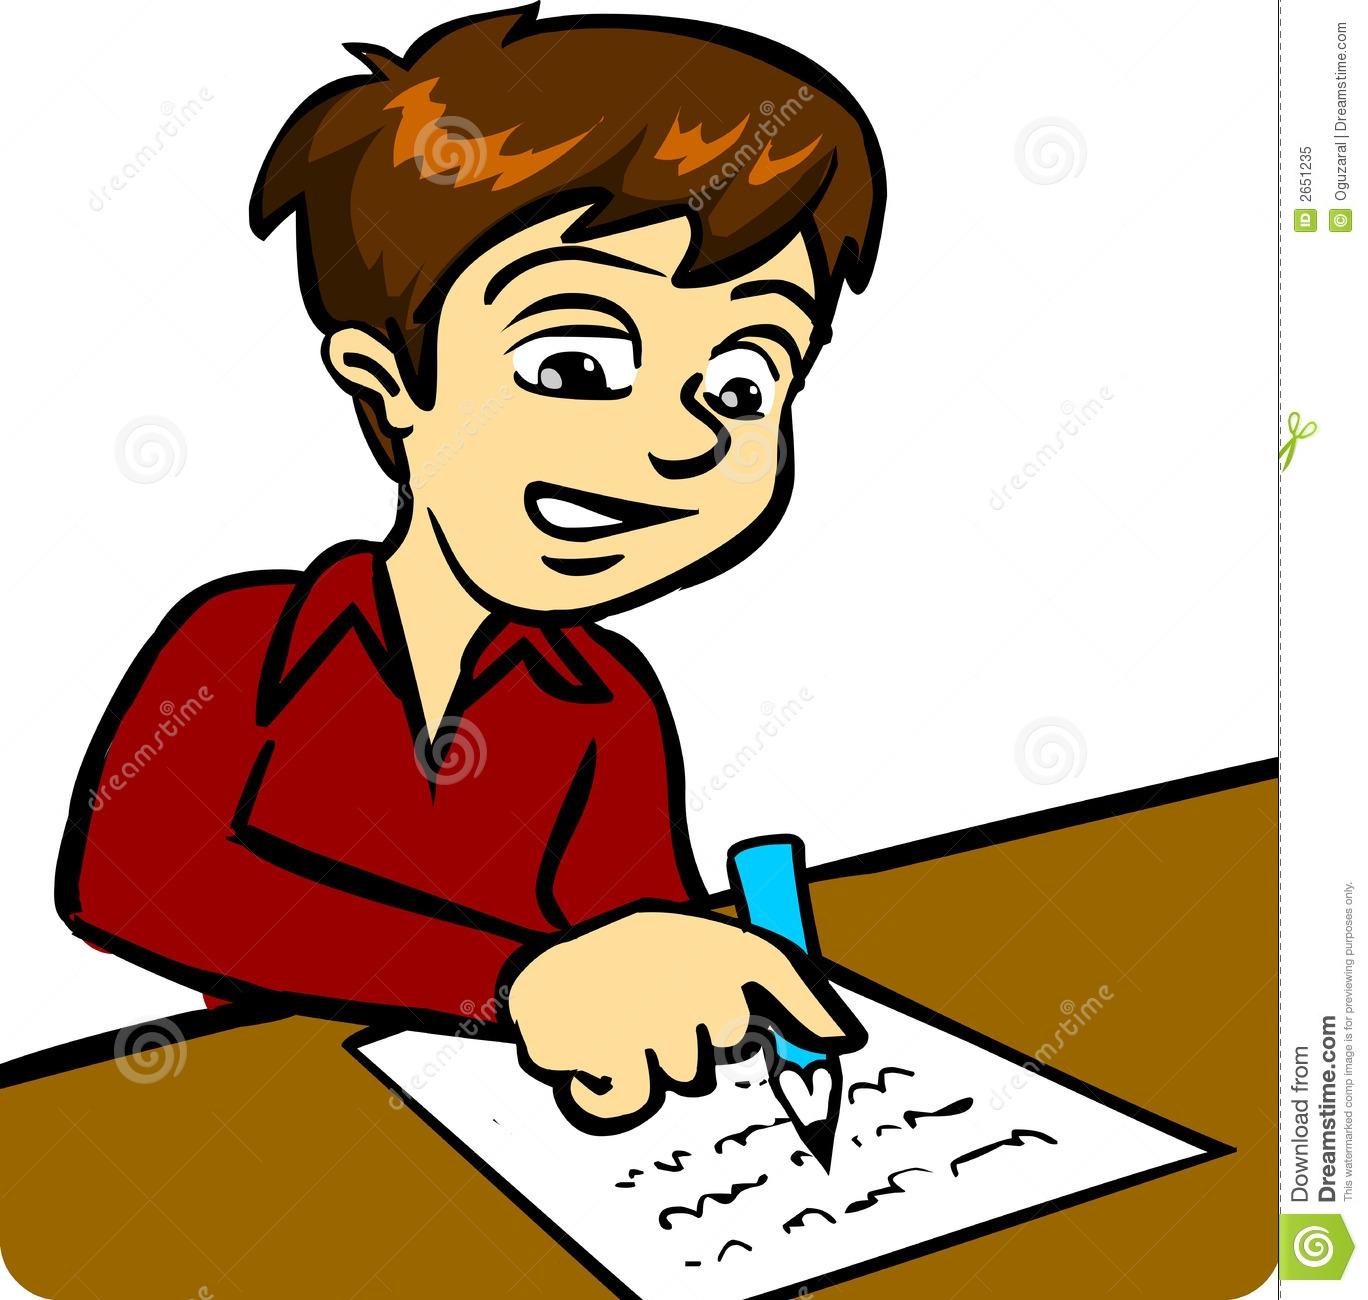 Letter clipart write letter Letter Art Boy Clip letter%20clipart